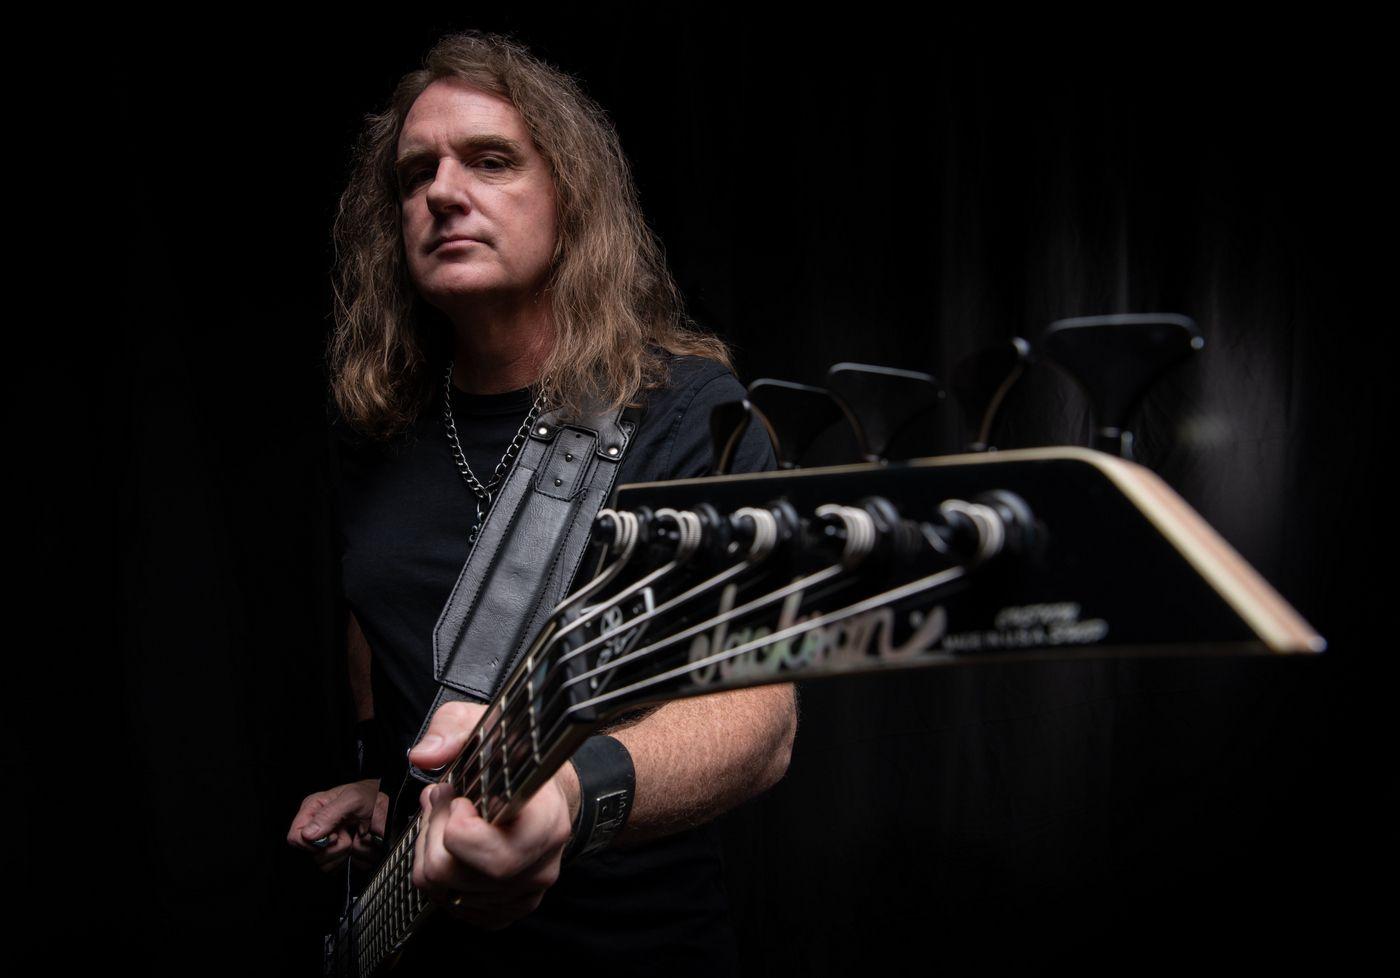 Episode 24: David Ellefson (Megadeth)